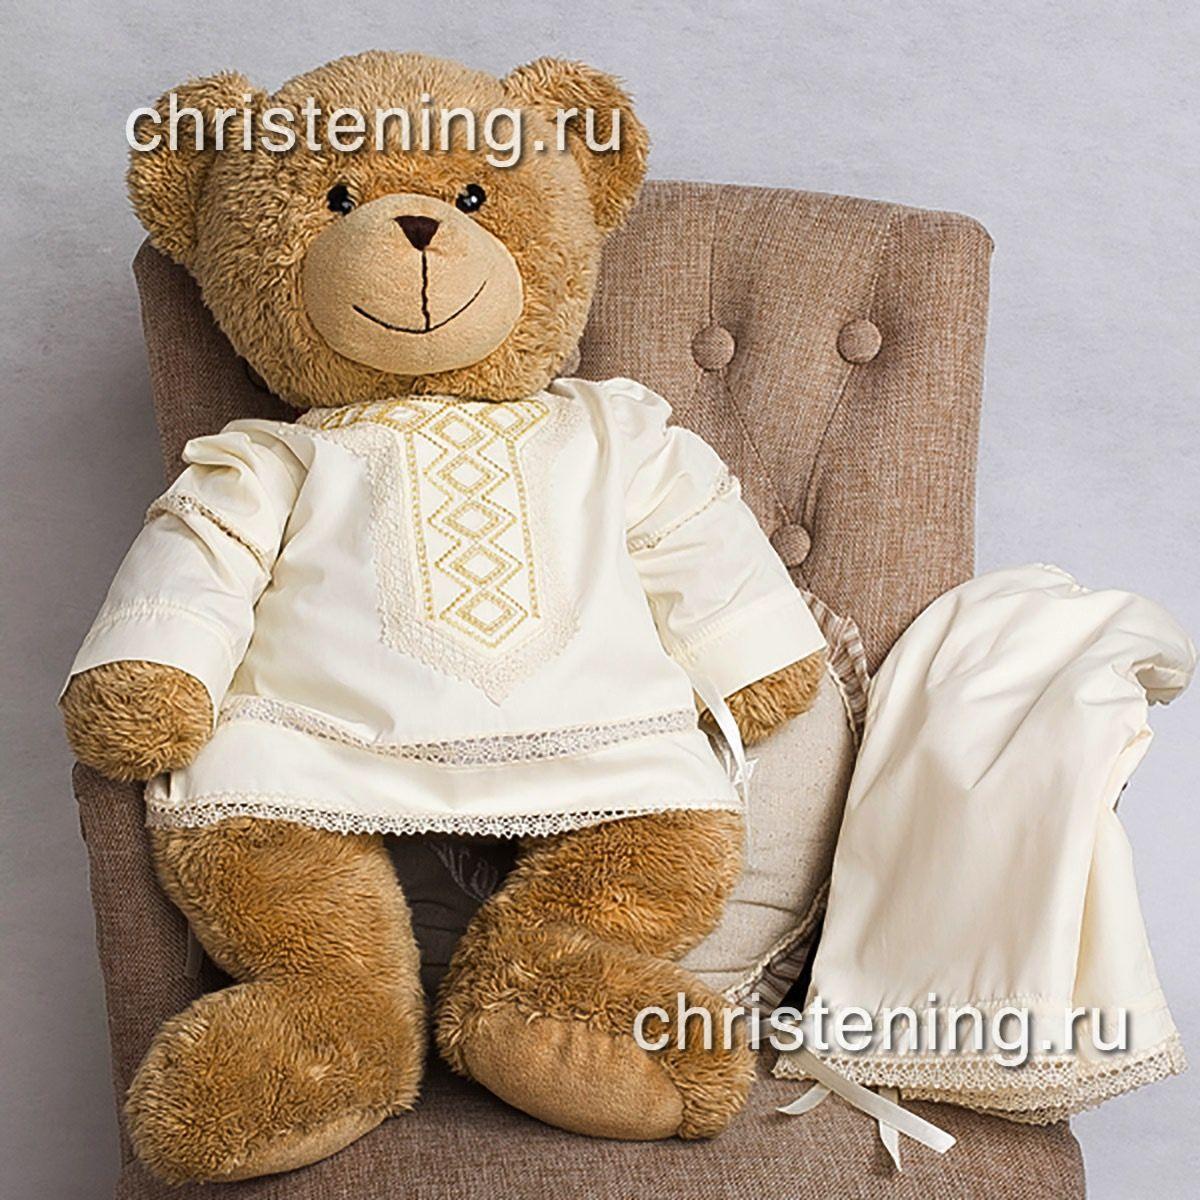 ИВАНУШКА нарядный костюм